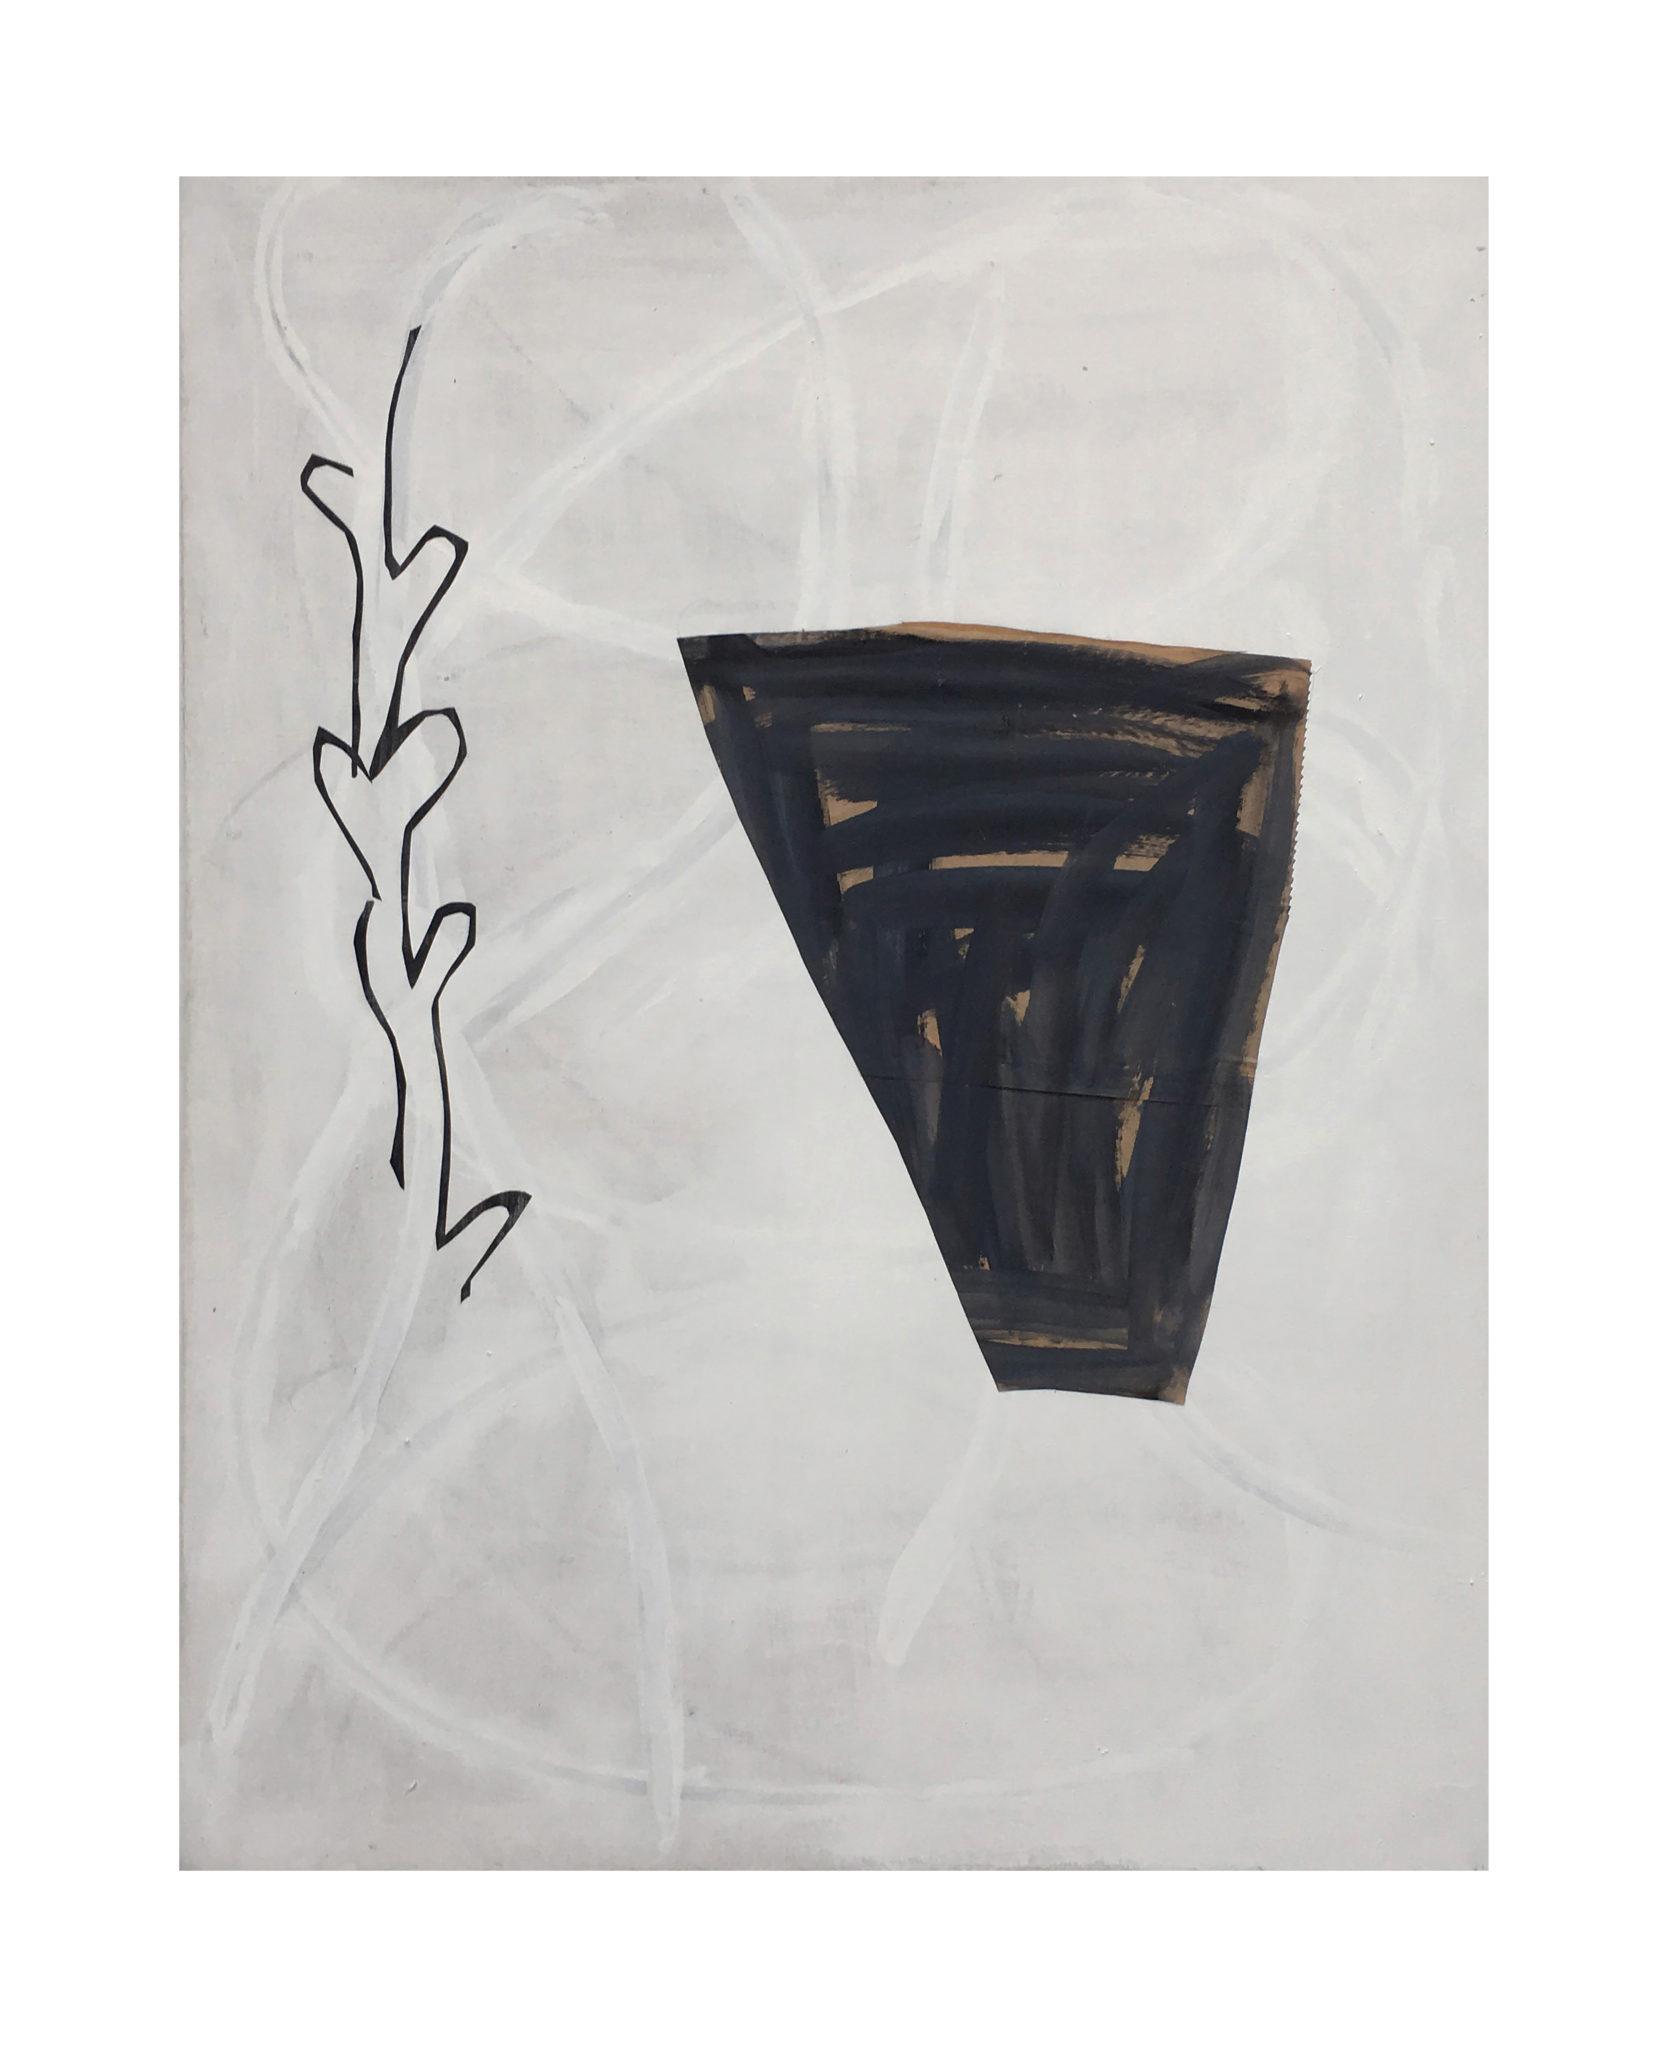 Marie Claude Bugeaud, galerie Berthet-Aittouarès, papiers retrouvés-2017,acryl,huile et papiers collés sur toile,116x89cm